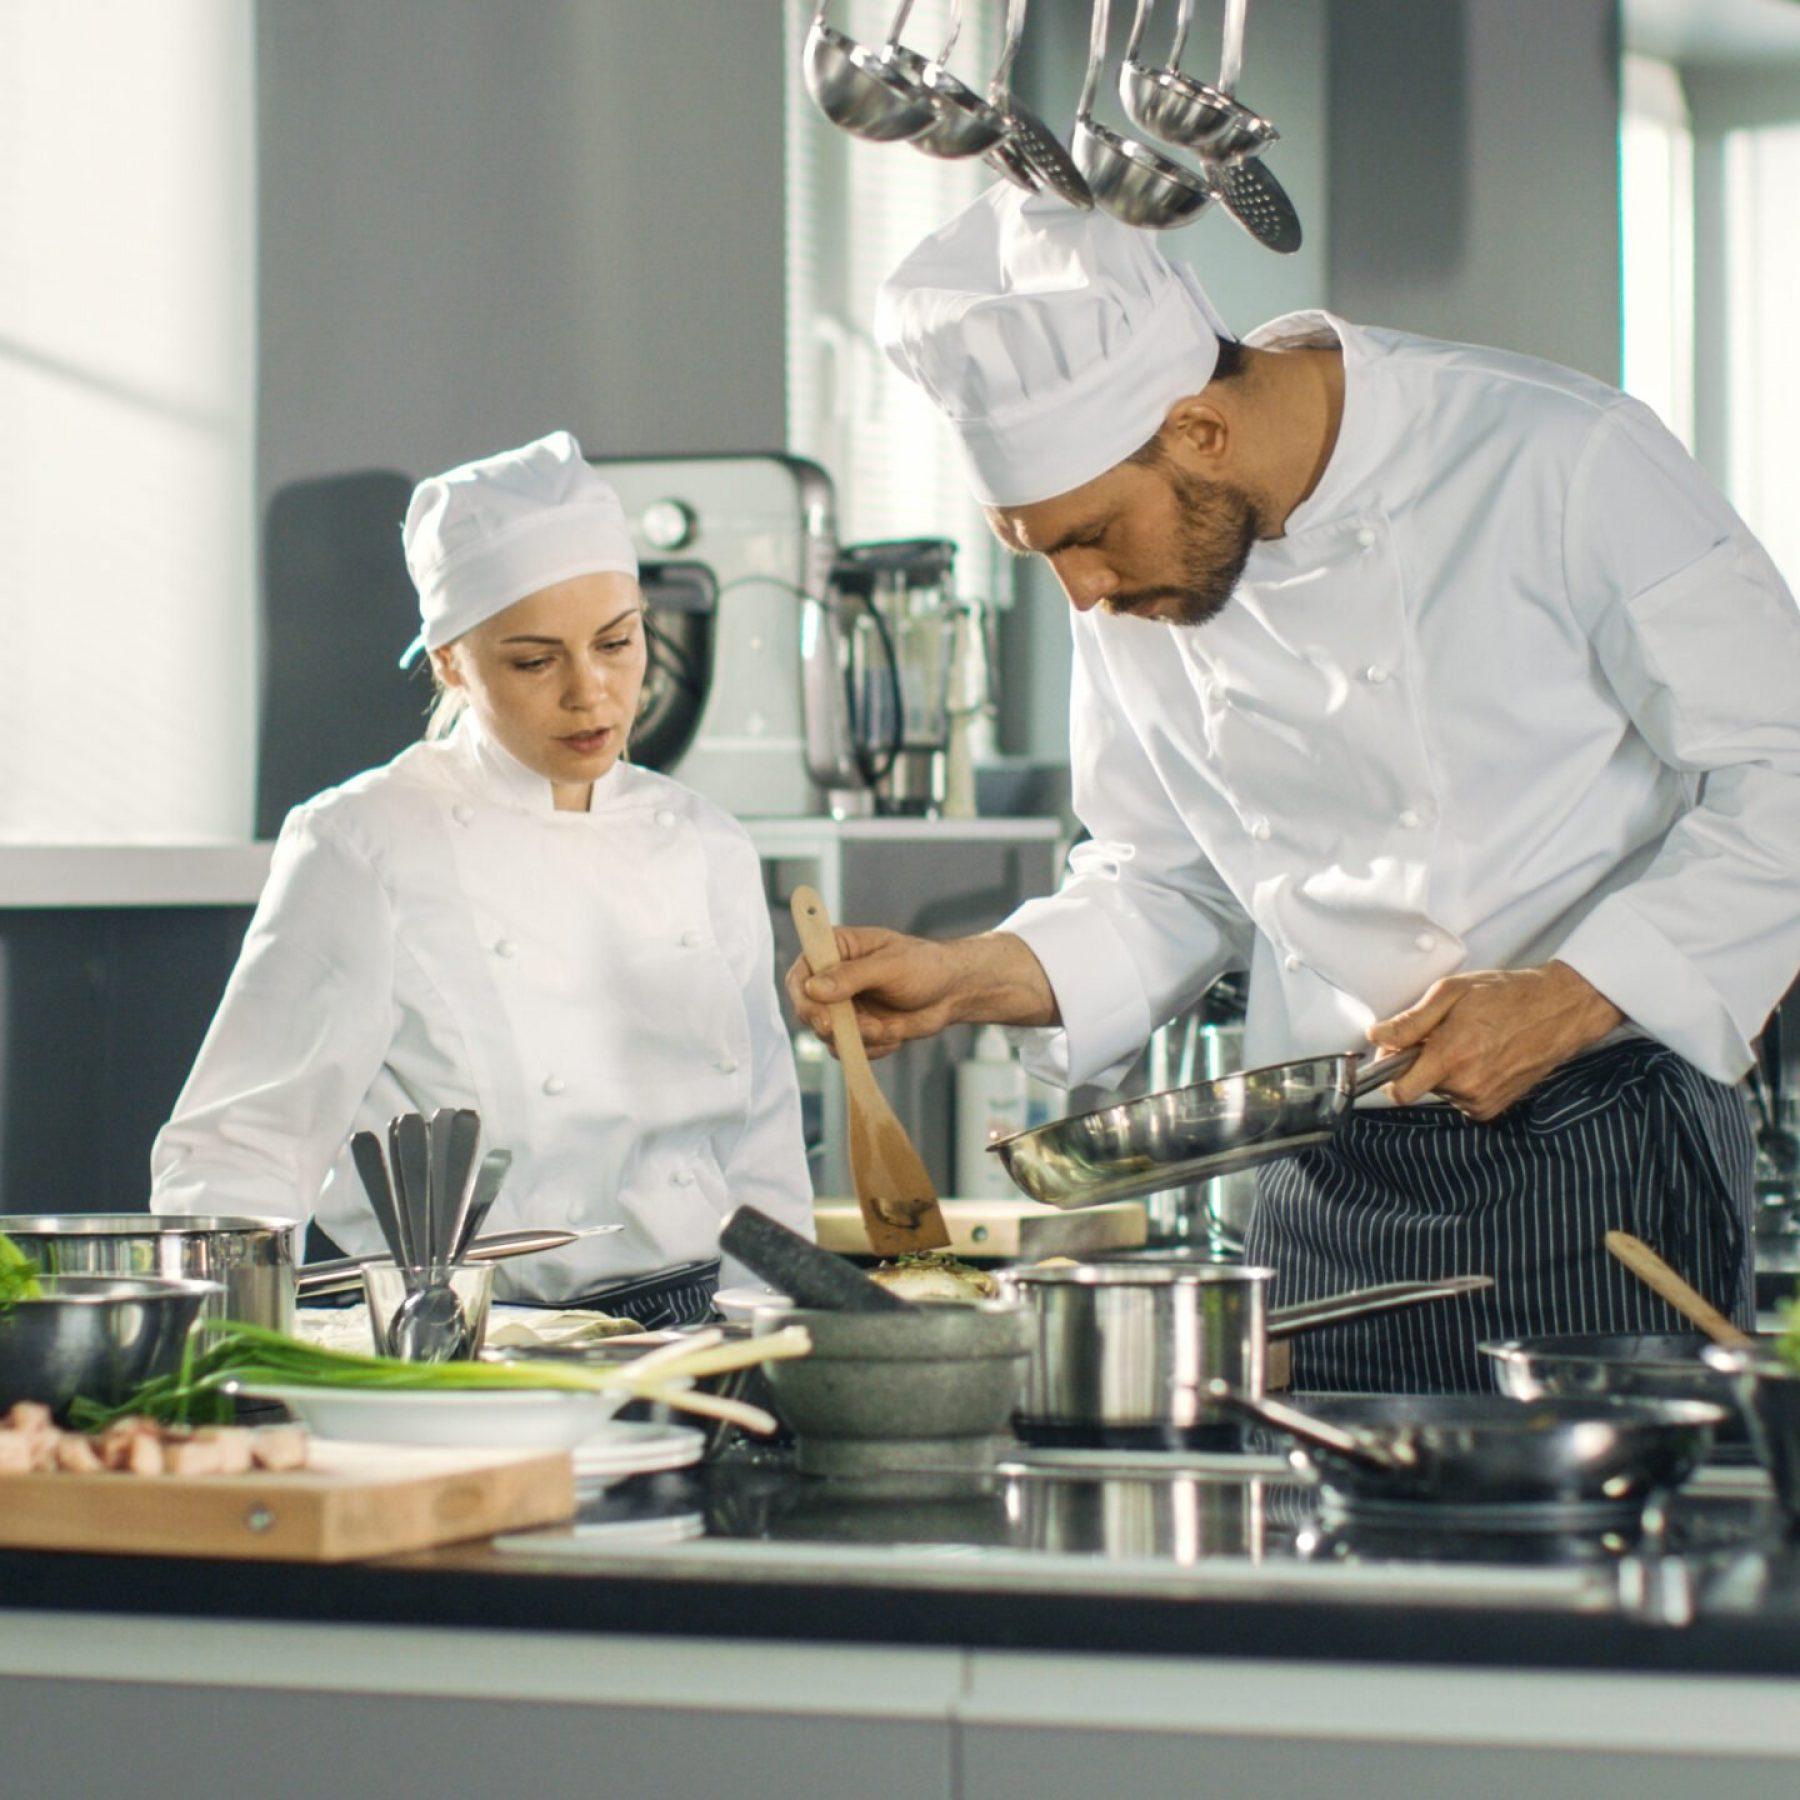 Famous,Chef,And,His,Female,Apprentice,Prepare,Special,Dish,In